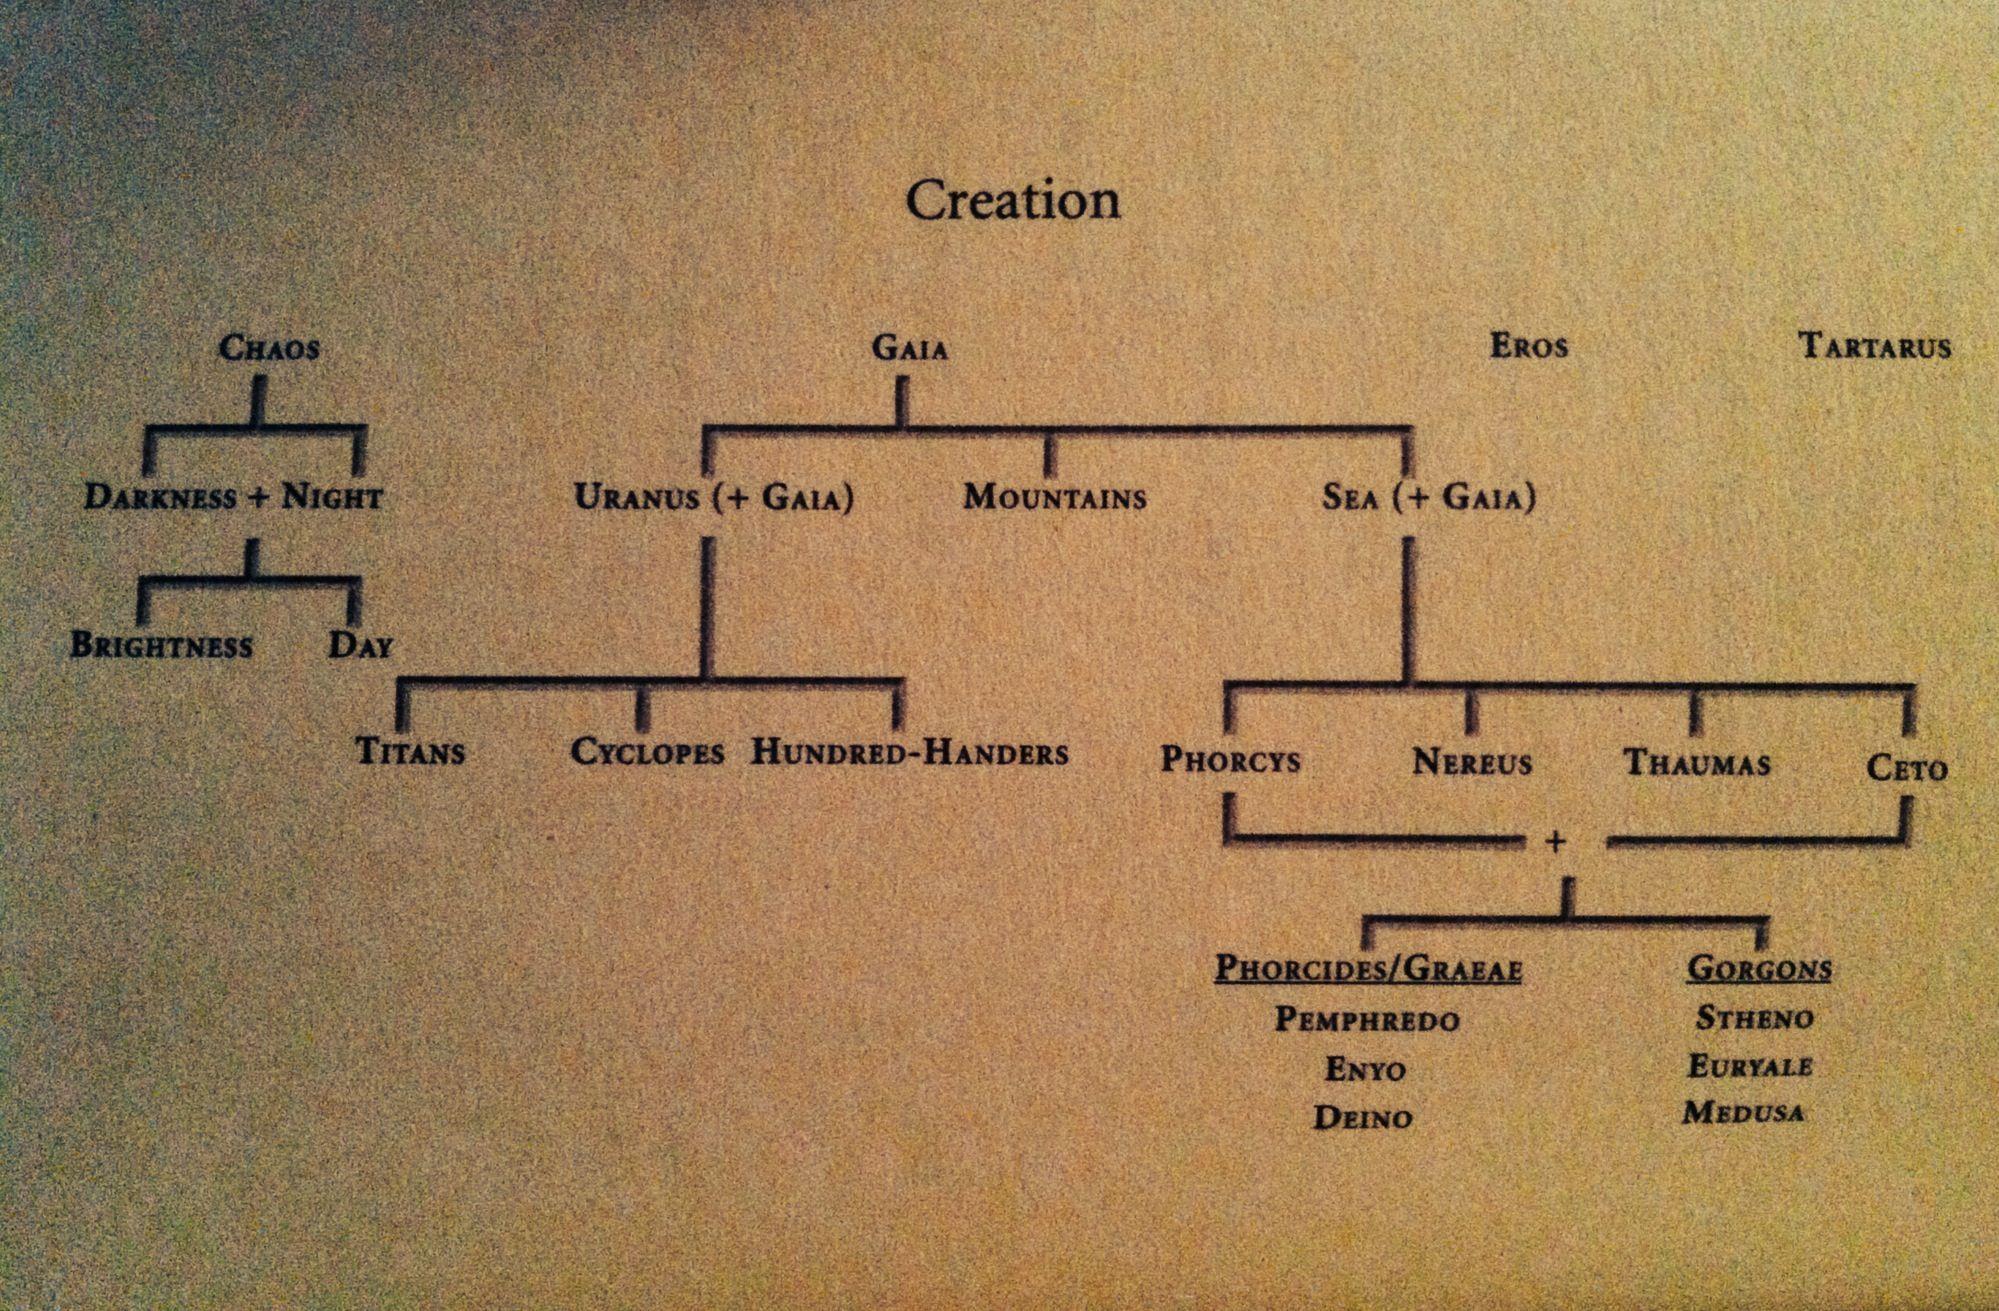 Greek Mythology Creation Family Tree Greek Mythology Greek